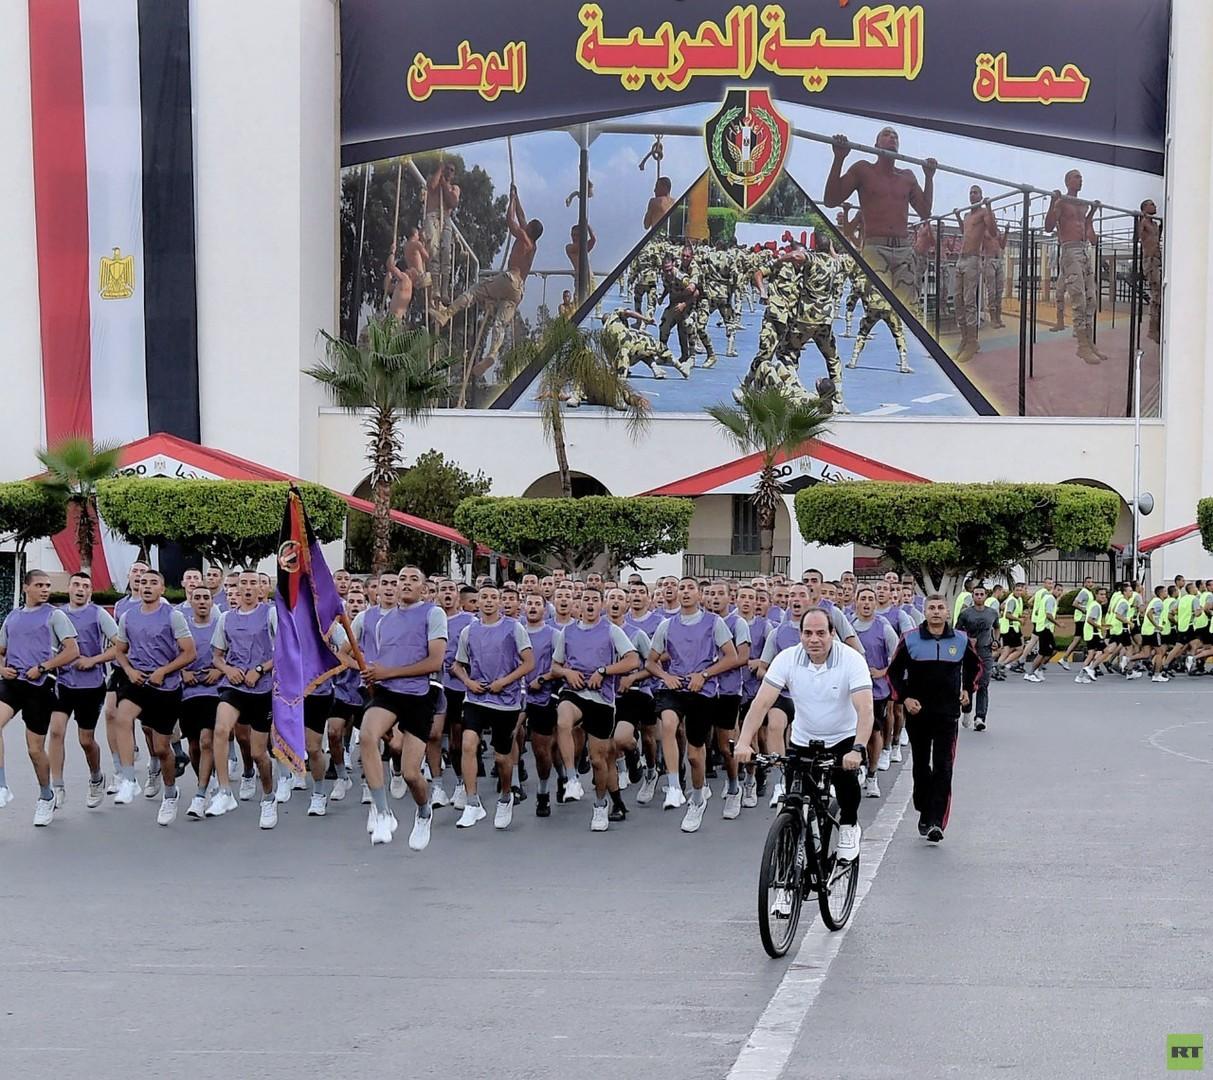 السيسي يشارك طلبة الكلية الحربية نشاطهم الرياضي (صور)